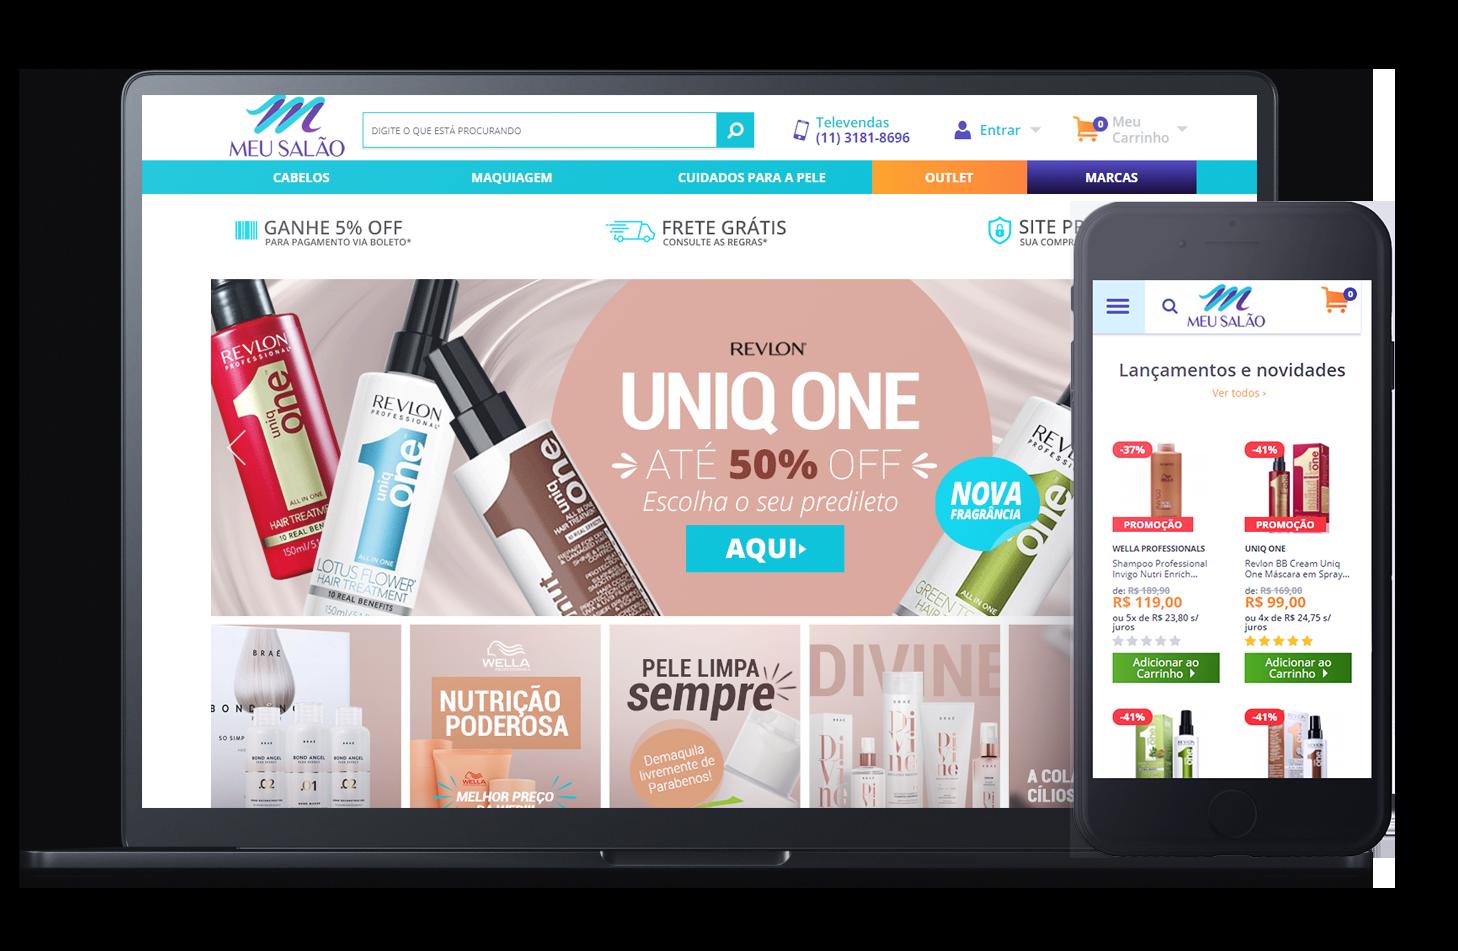 Mockup da loja virtual Meu Salão, desenvolvida com a Plataforma de E-commerce Magento Bis2Bis